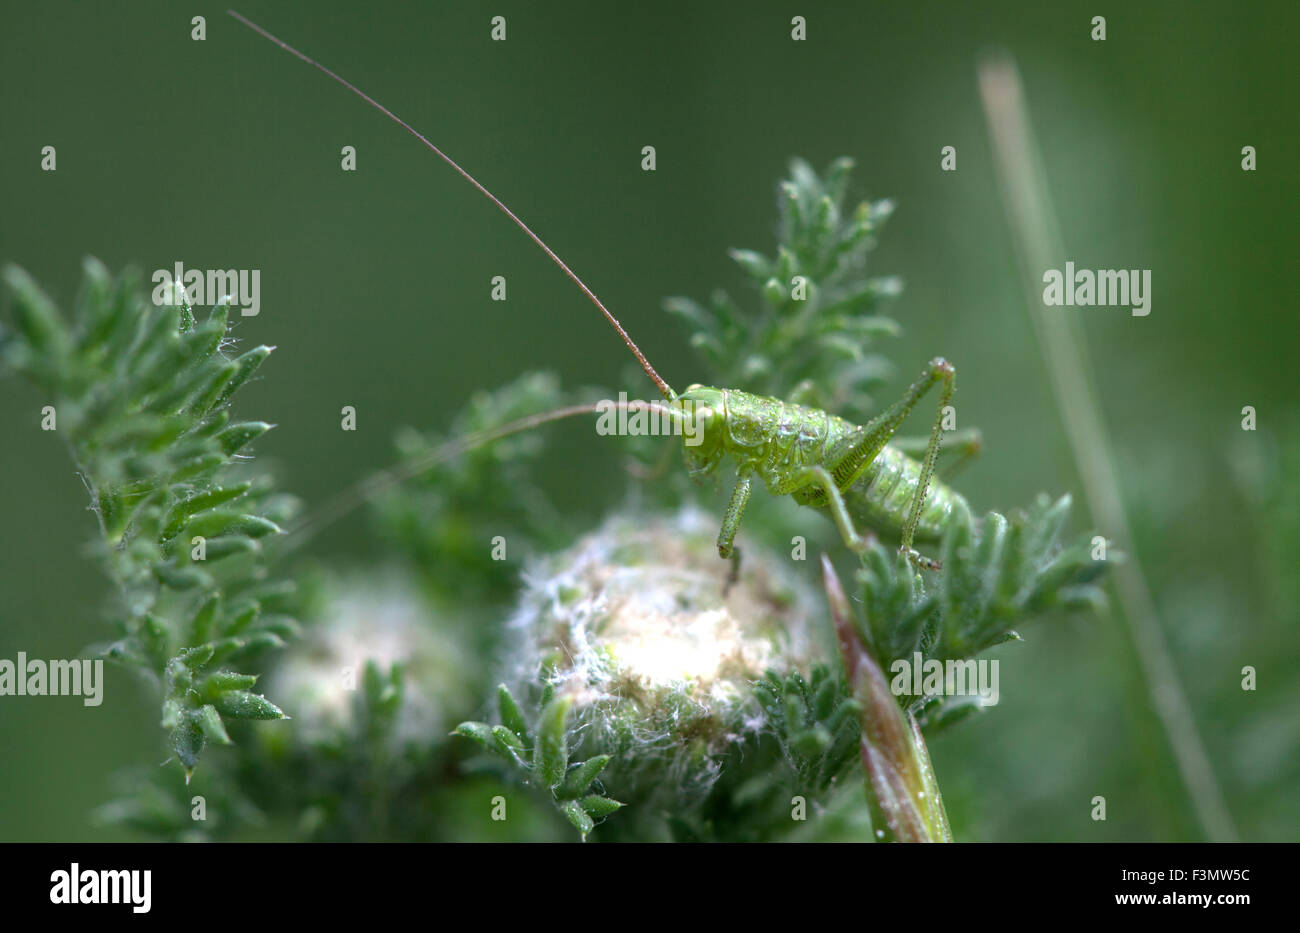 A grasshopper perches on a plant in Prado del Rey, Sierra de Cadiz, Andalusia, Spain - Stock Image